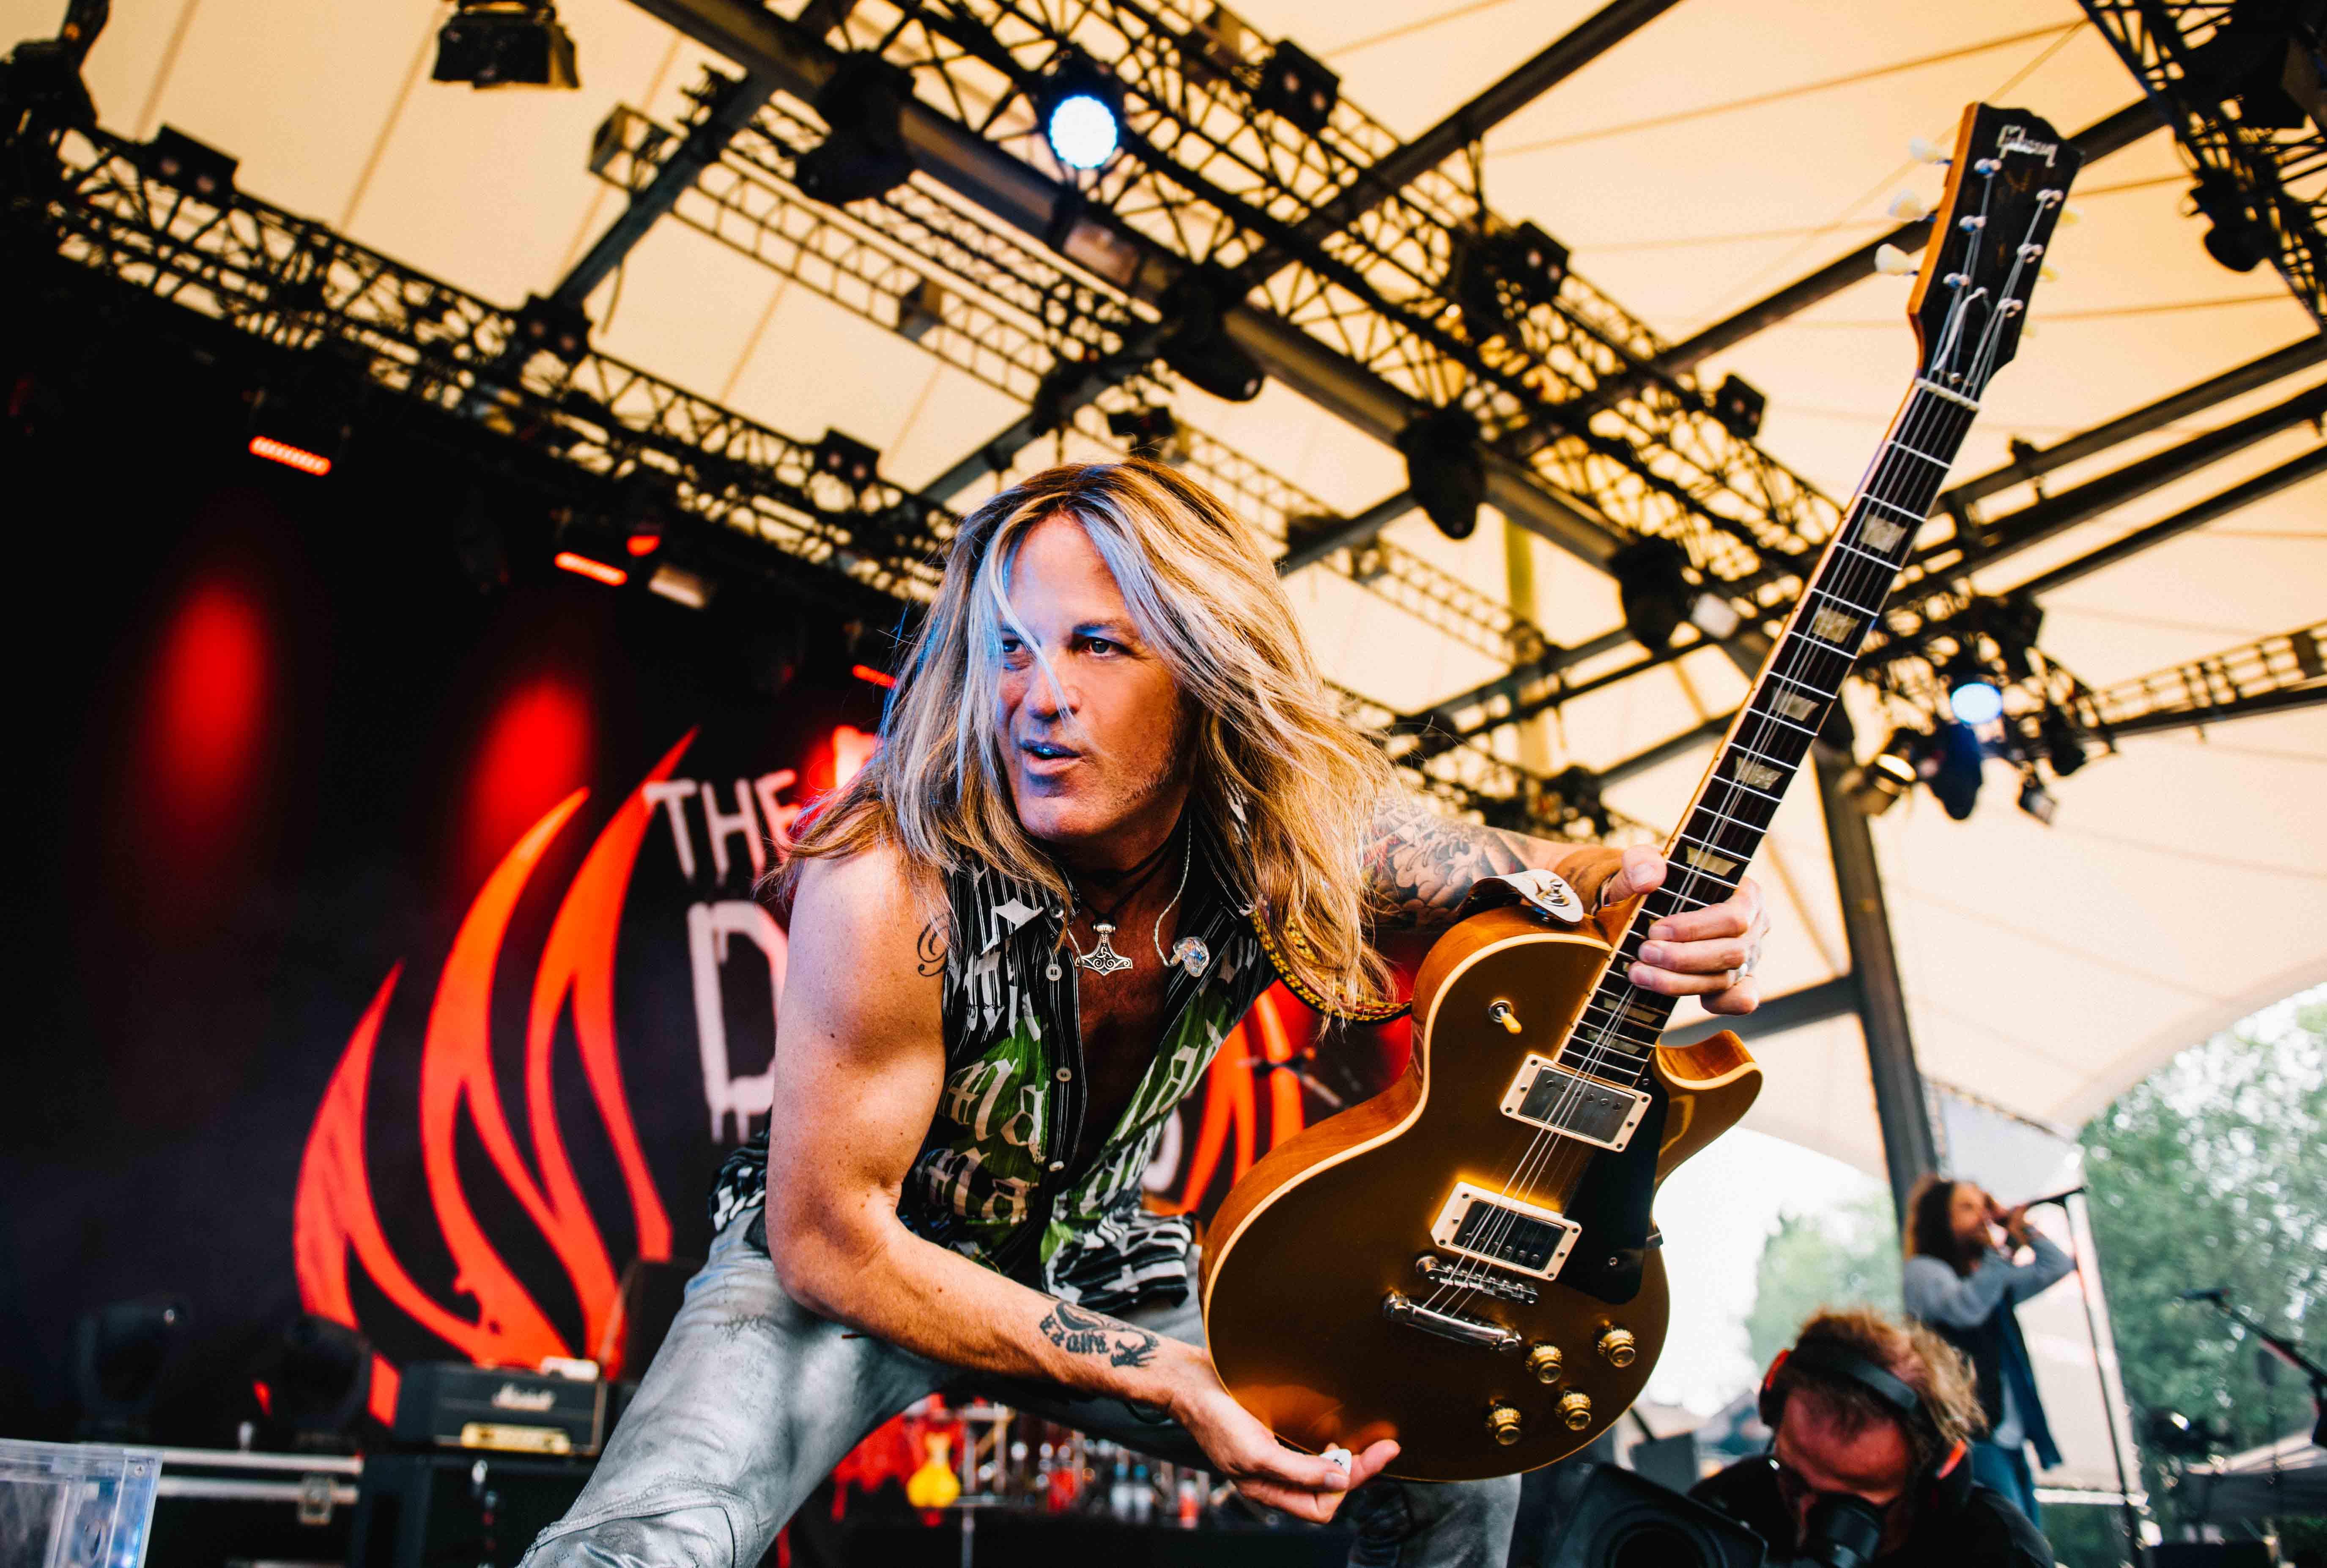 The Dead Daisies Doug Aldrich Discusses New Album & New Suhr Guitar